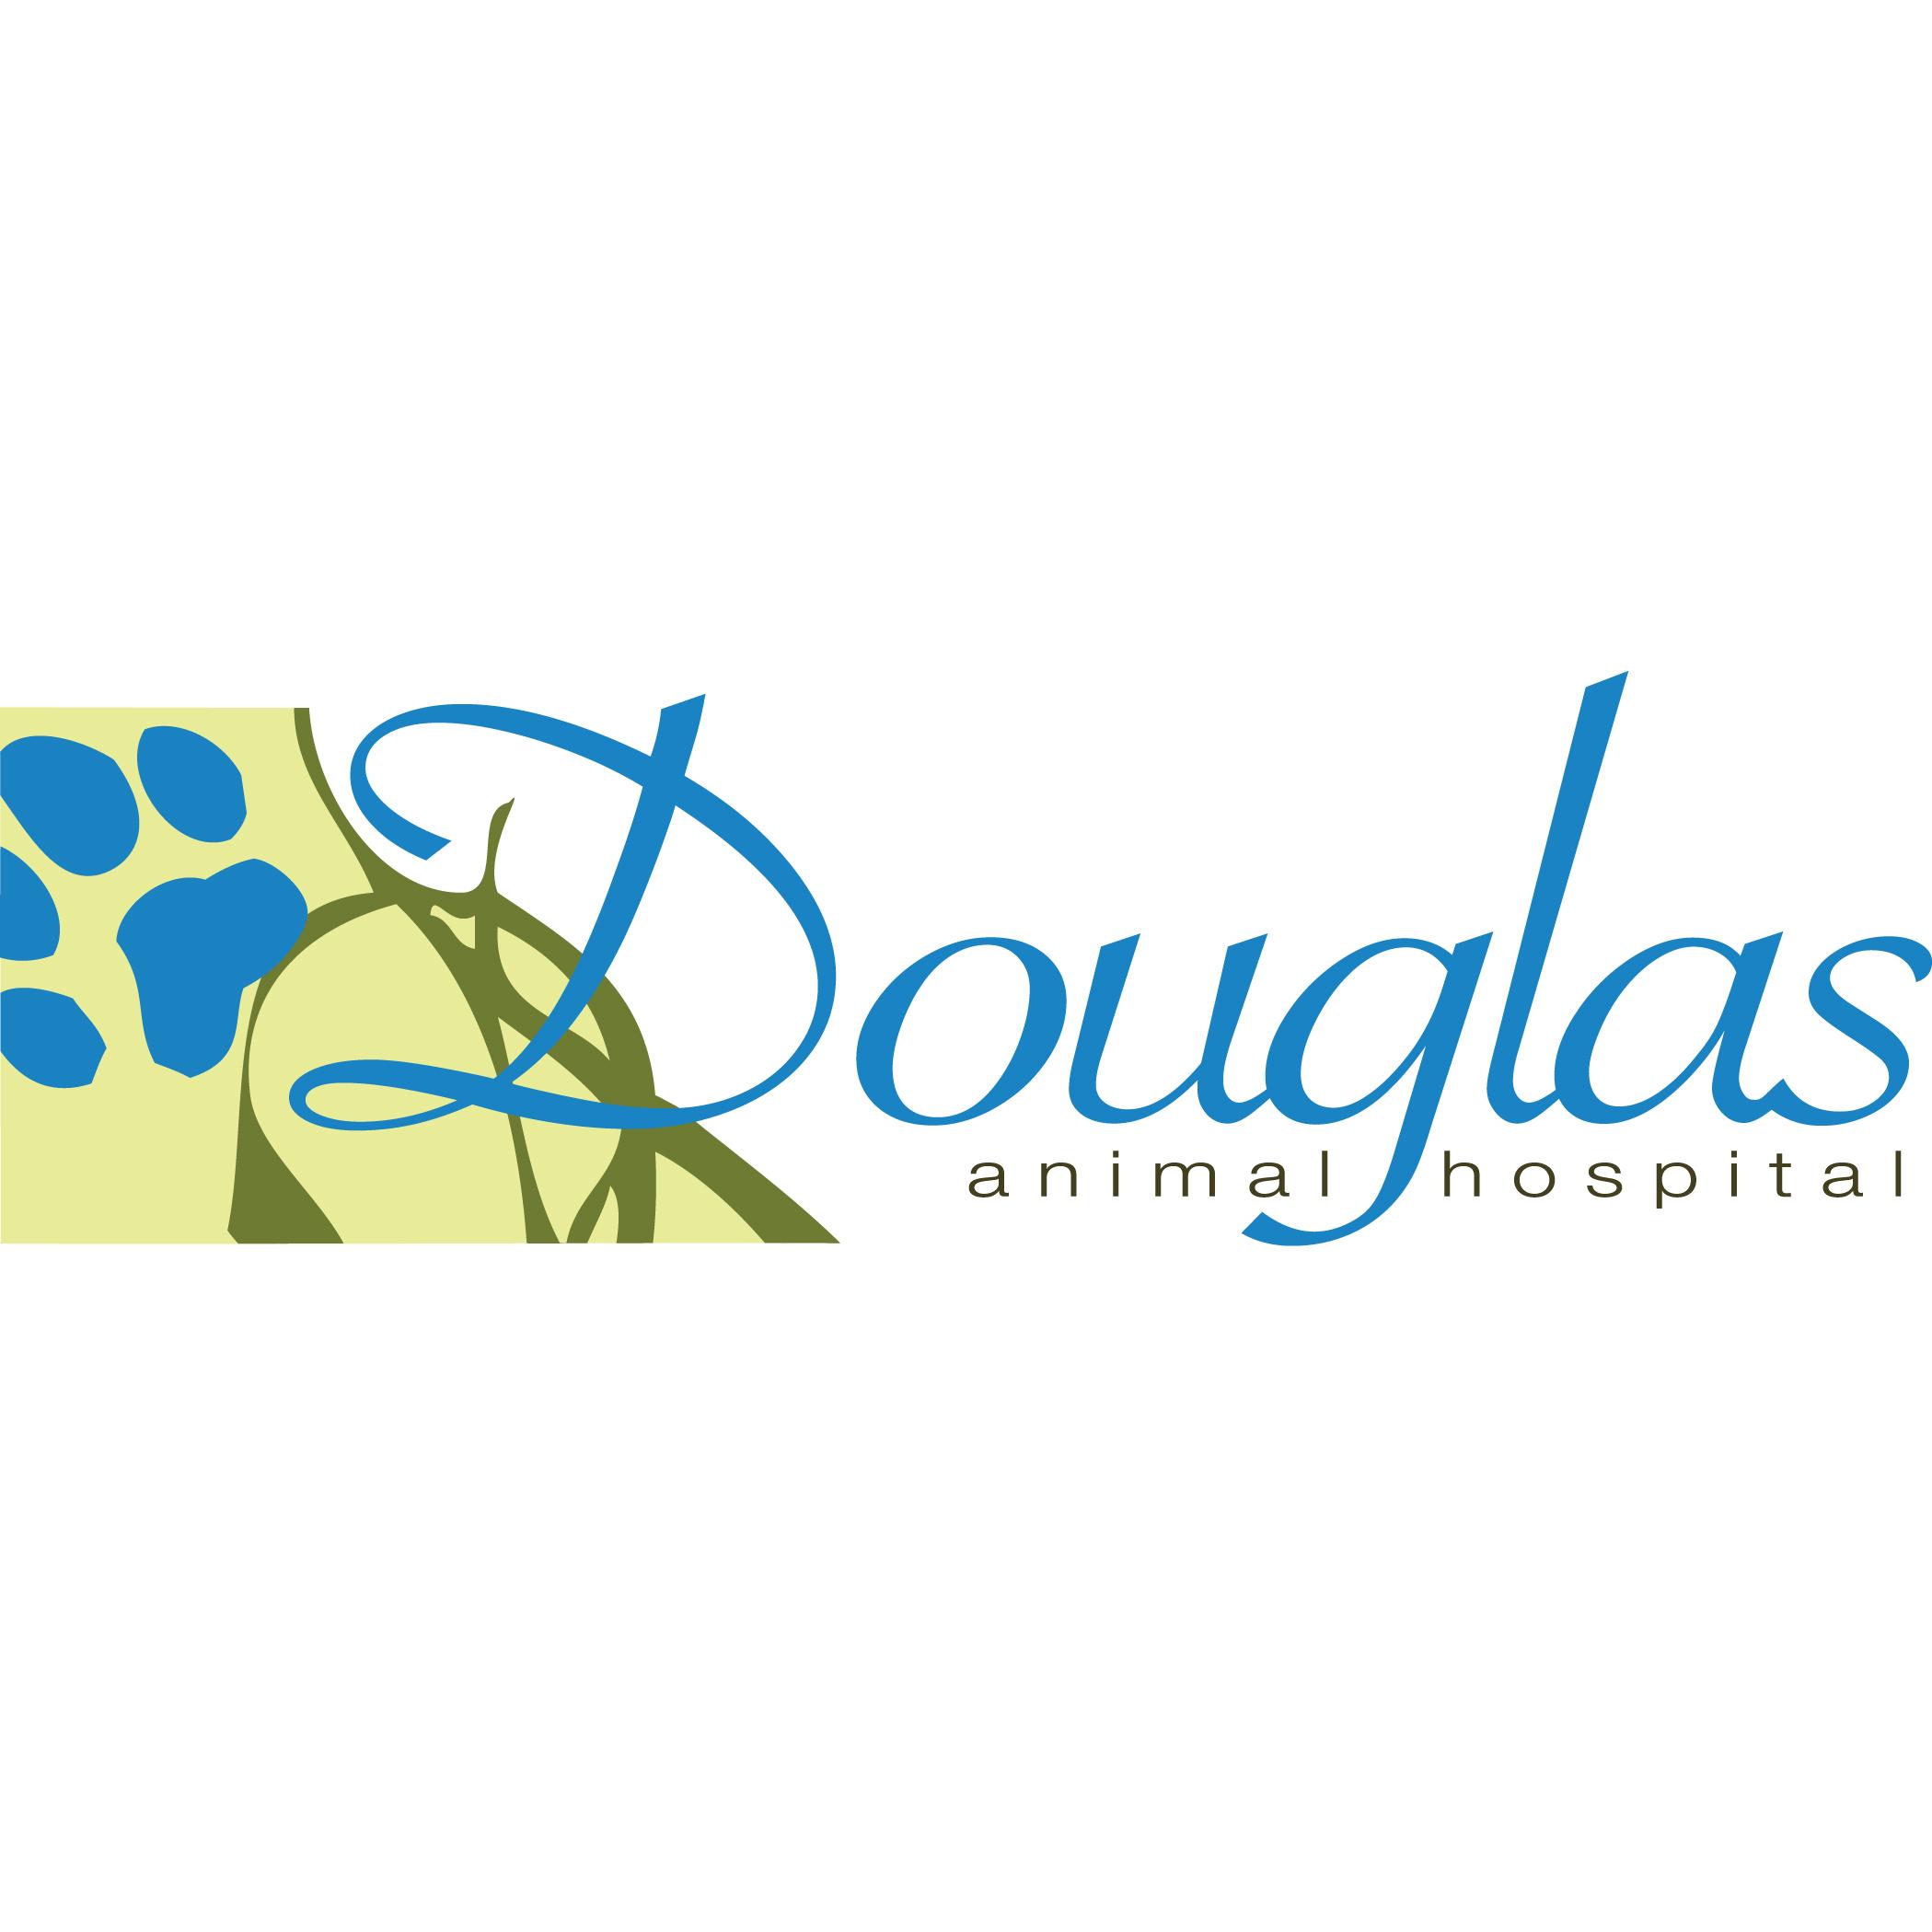 Douglas Animal Hospital - Osseo, MN 55369 - (763)634-5465 | ShowMeLocal.com